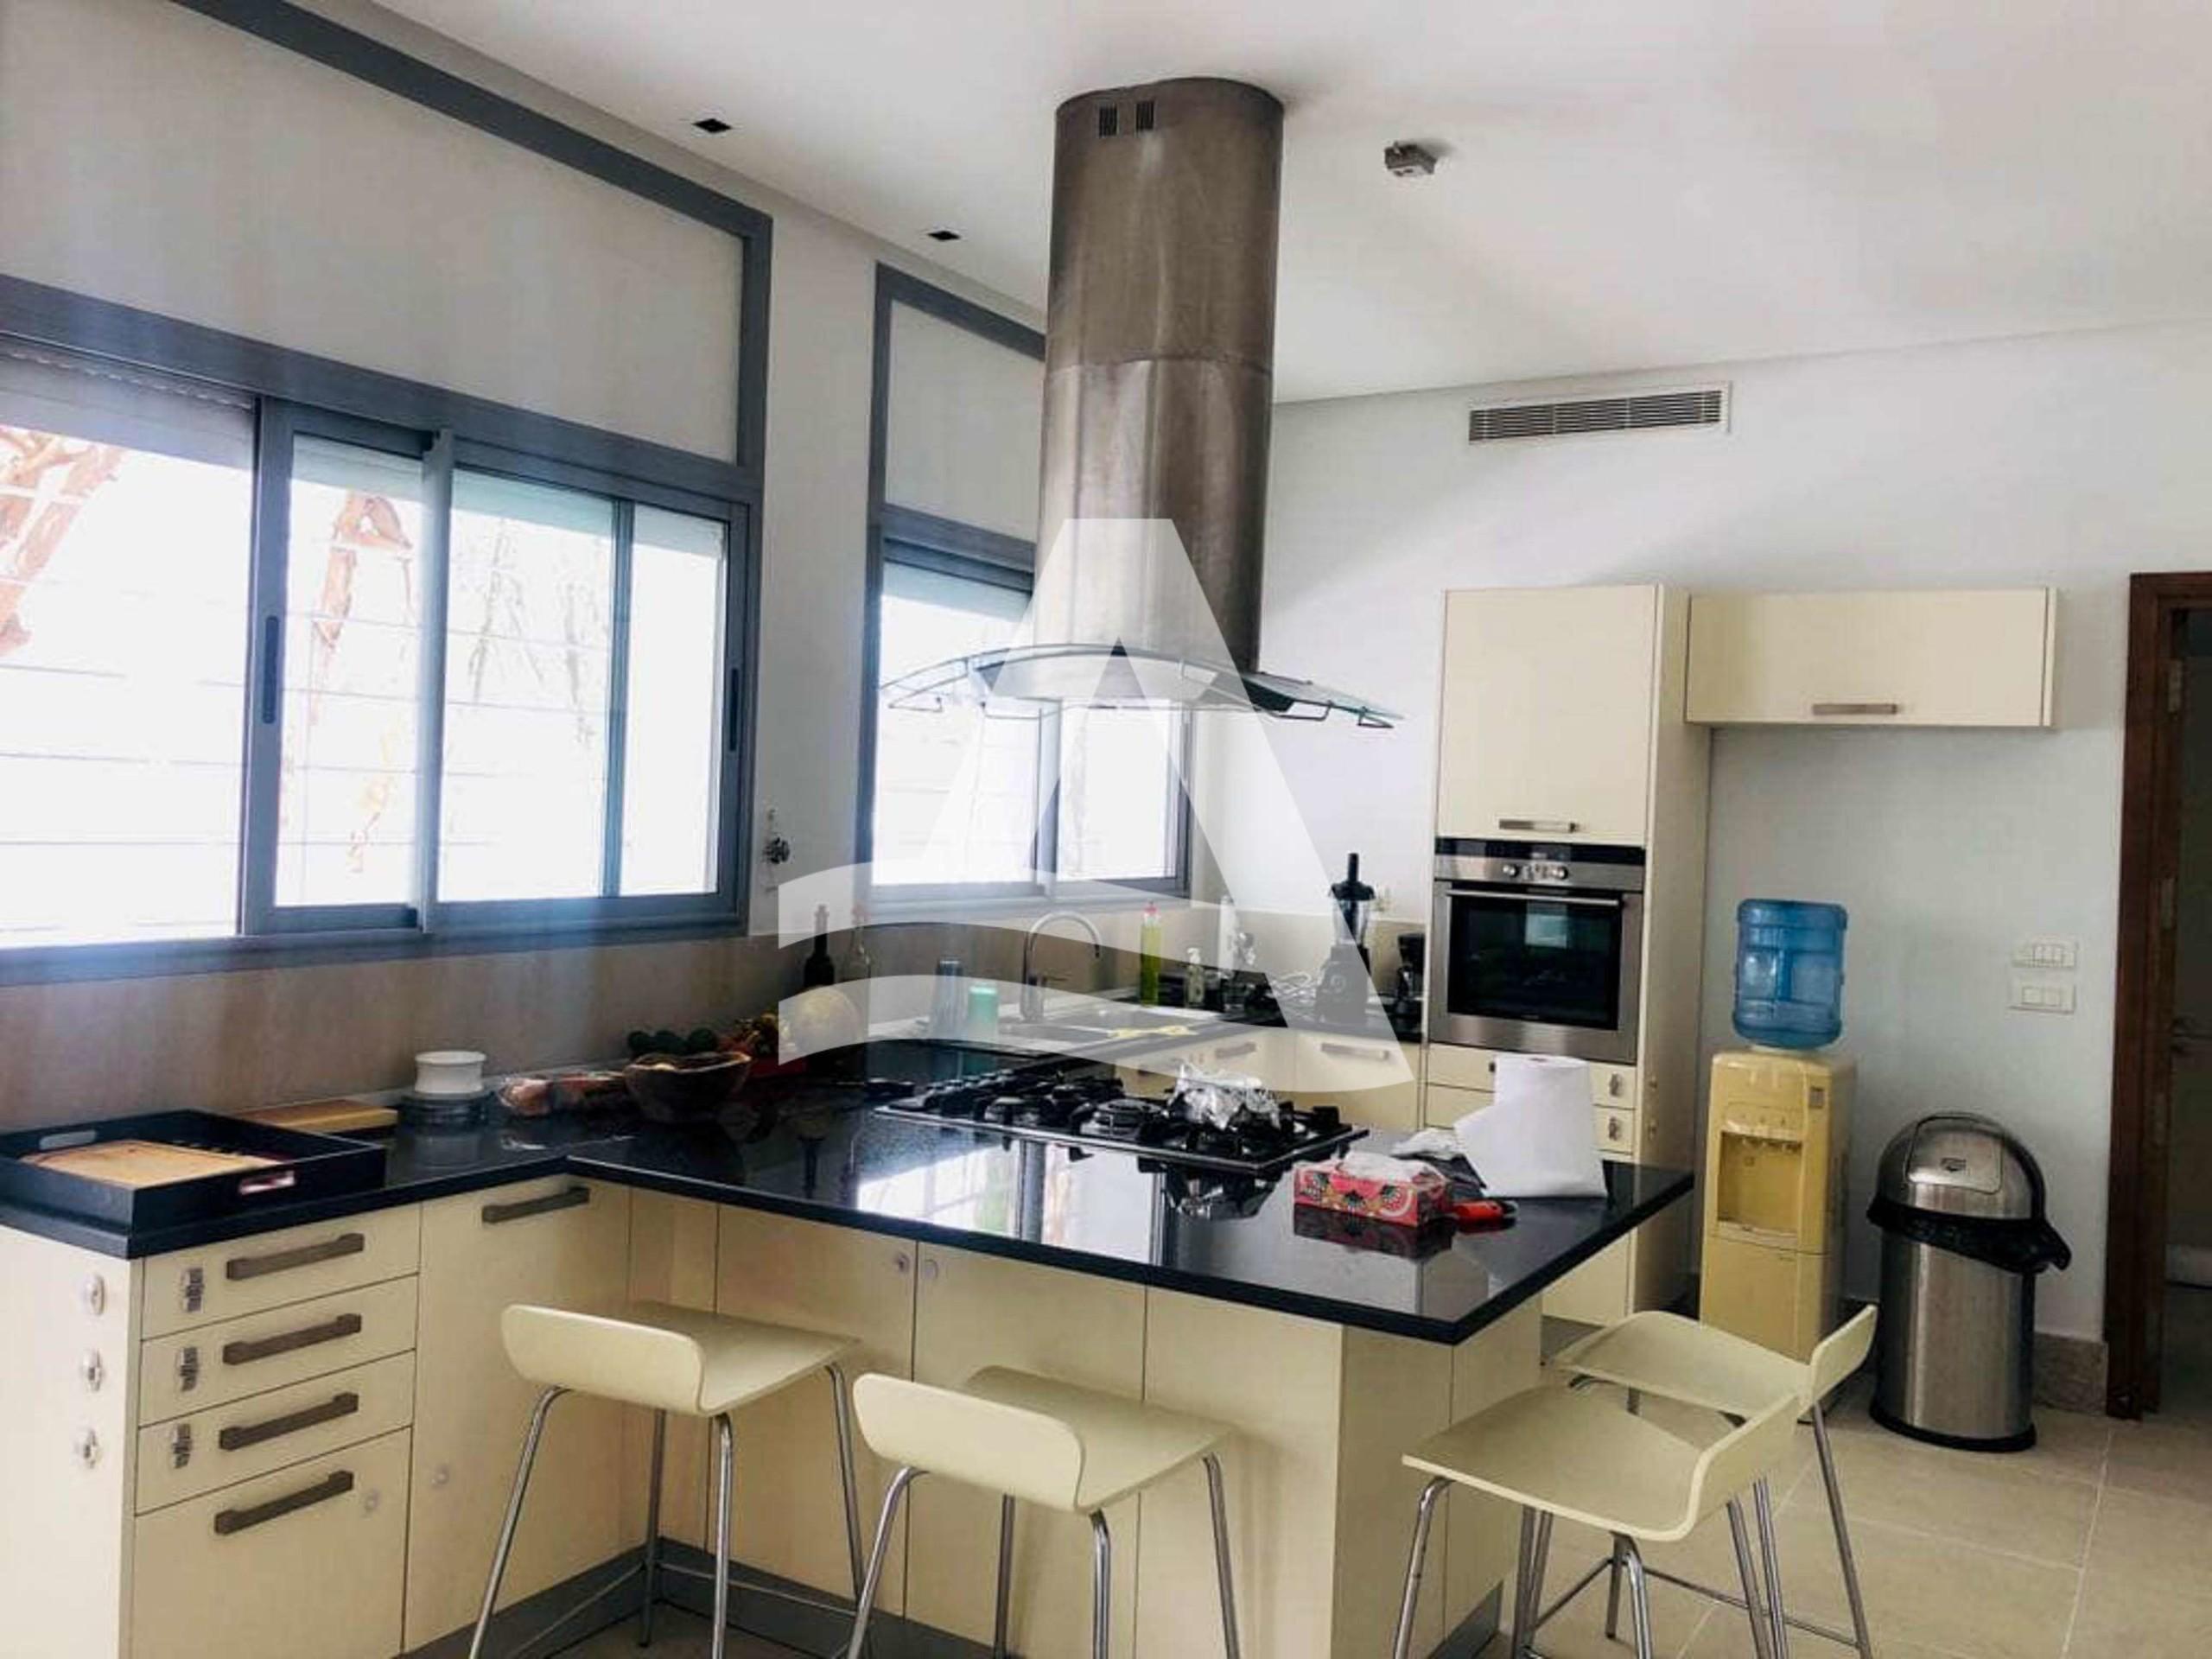 1970945681589362593arcane_immobiliere_la_marsa_-_location-_vente_la_marsa_-6